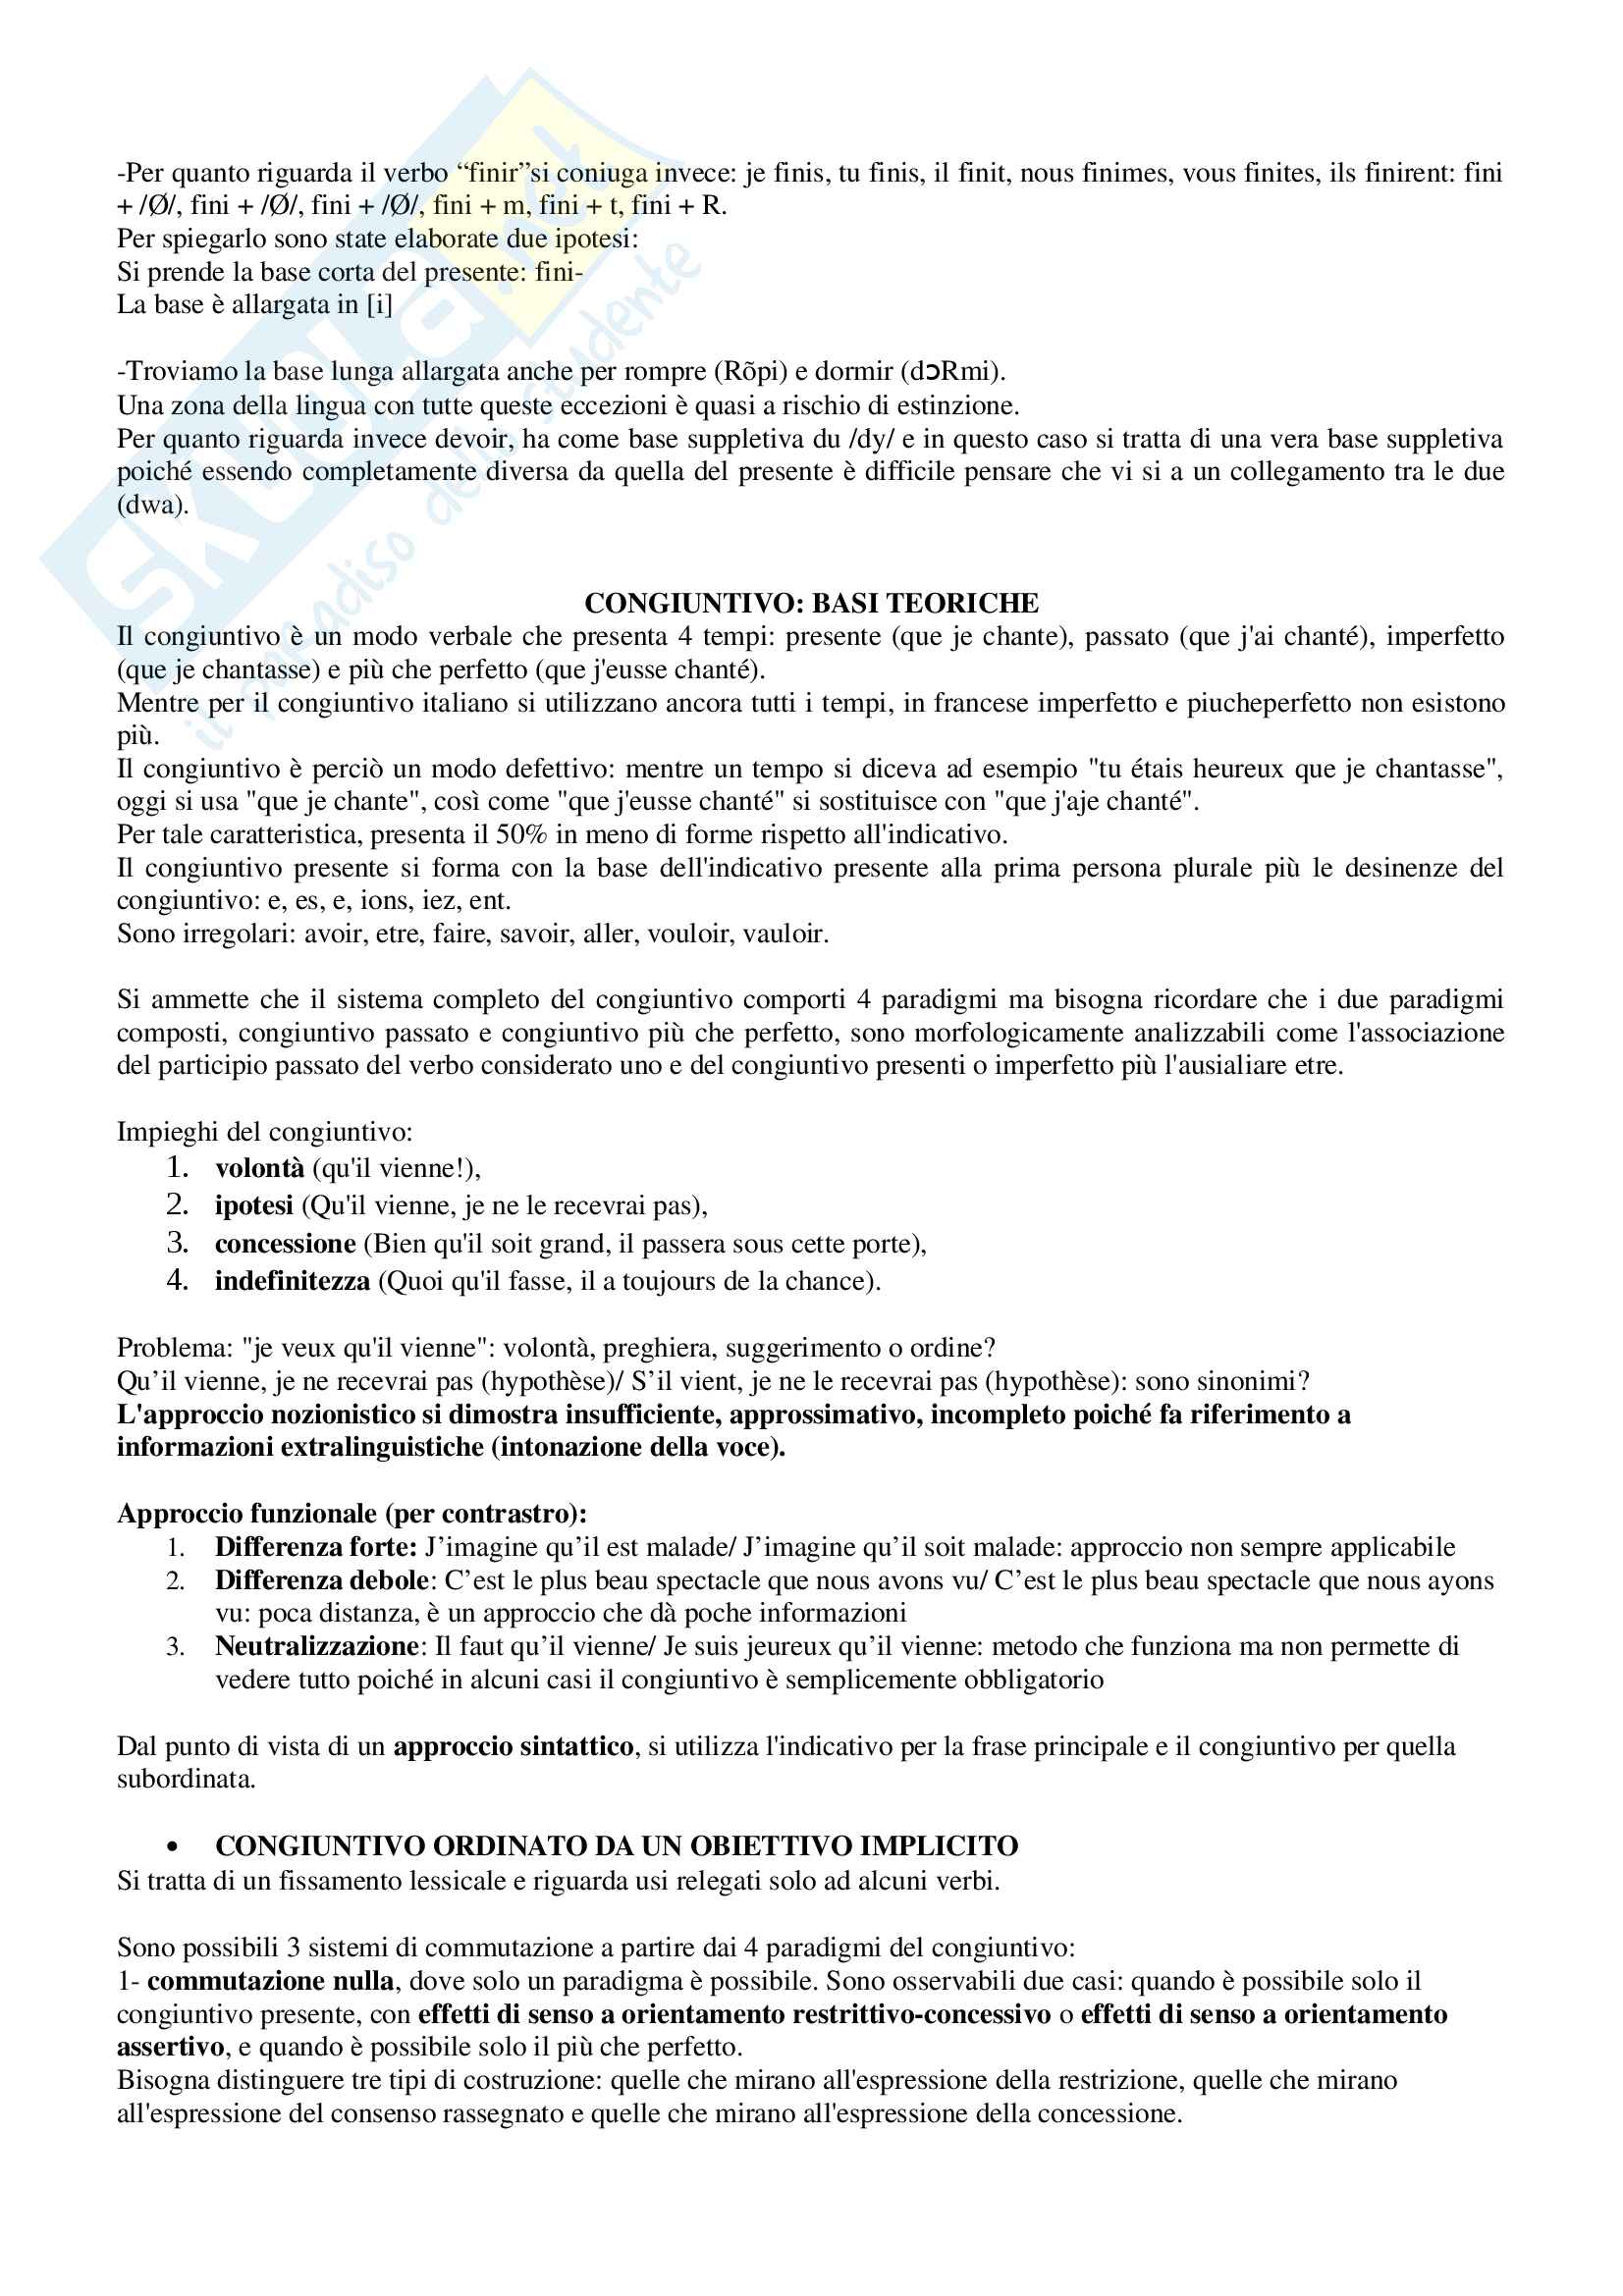 Francese, Floquet, parte B completa Pag. 26